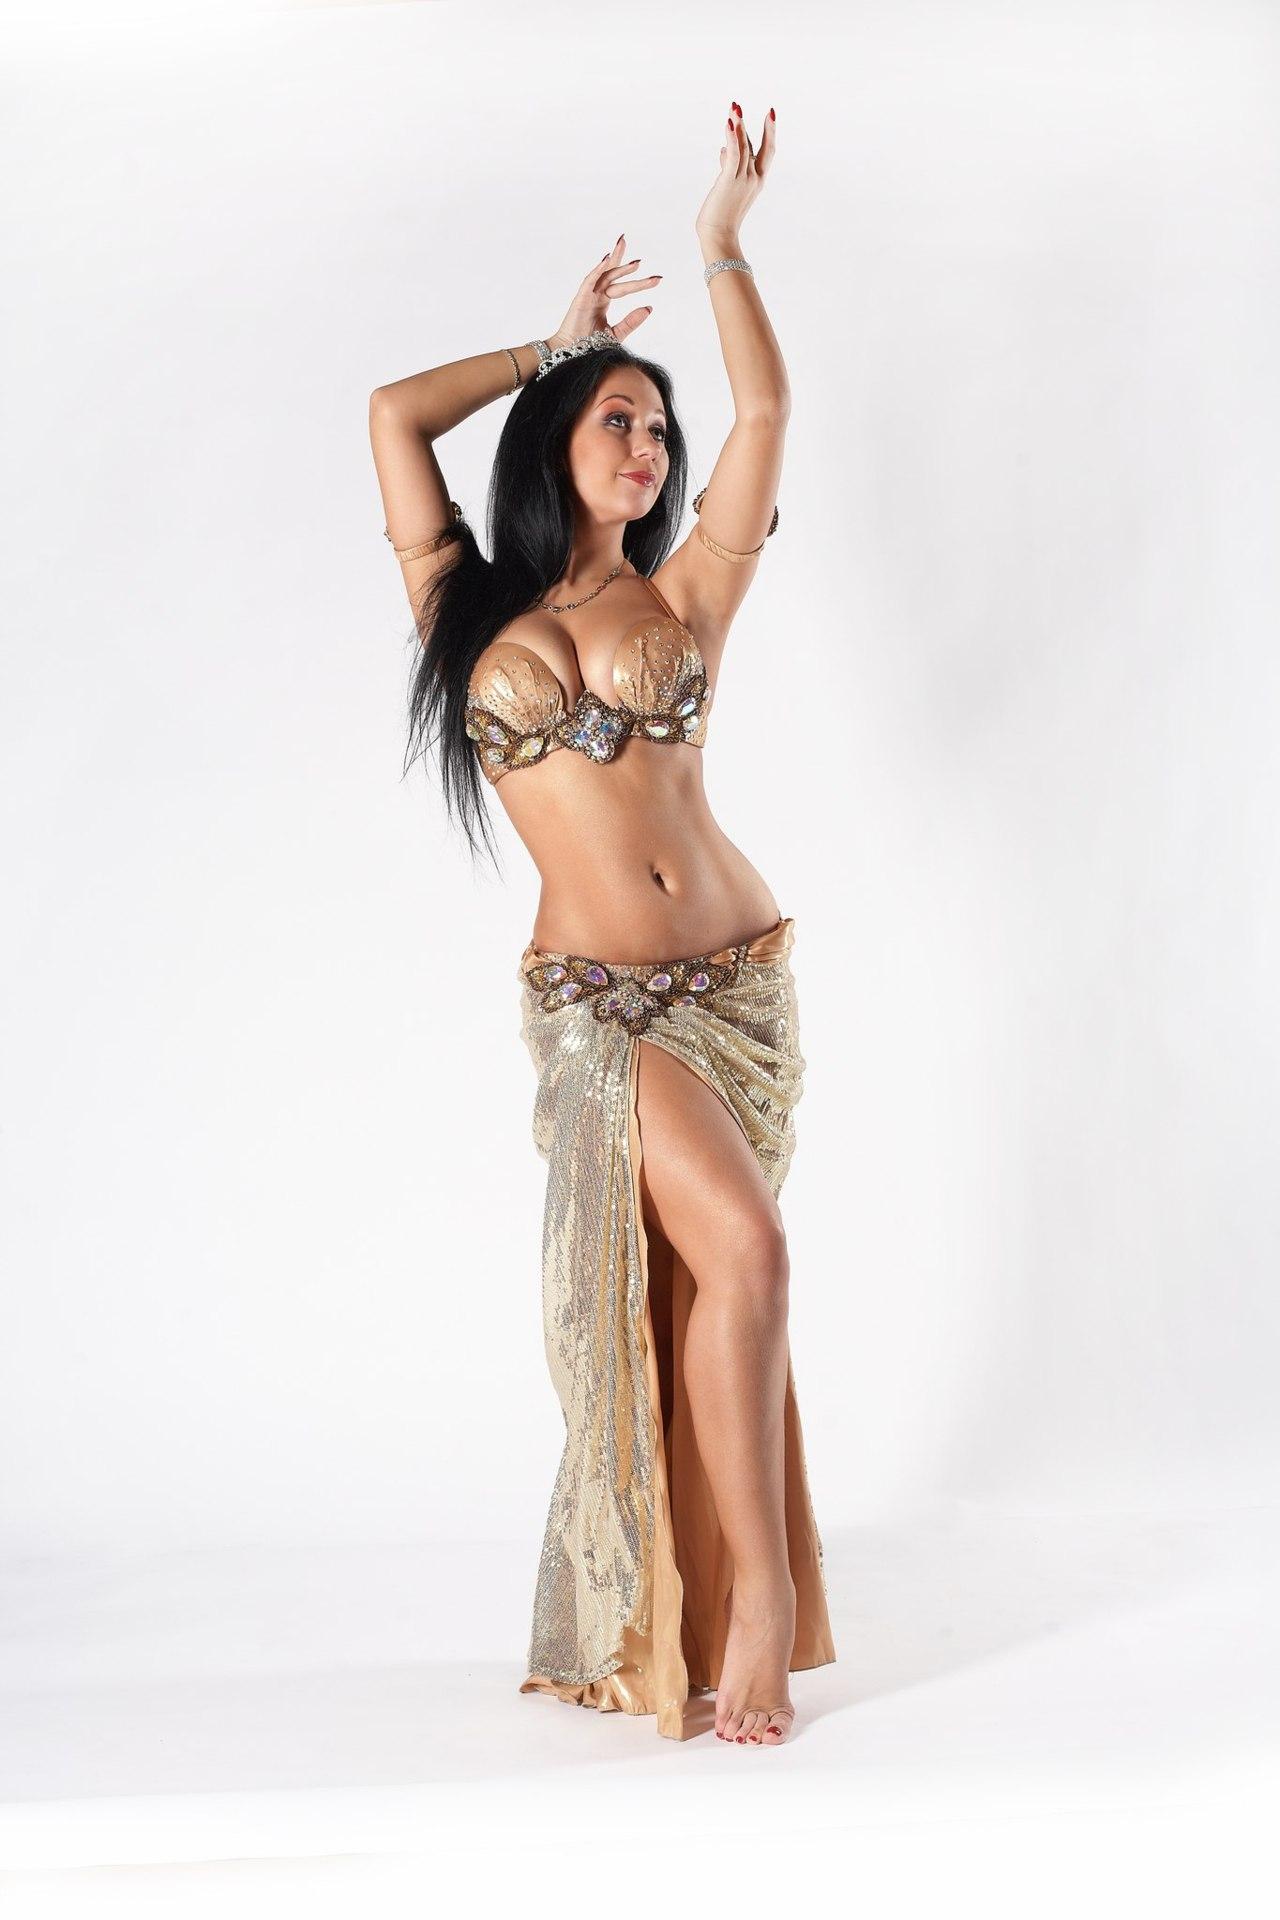 Трахают танцовщицу восточных танцев 8 фотография